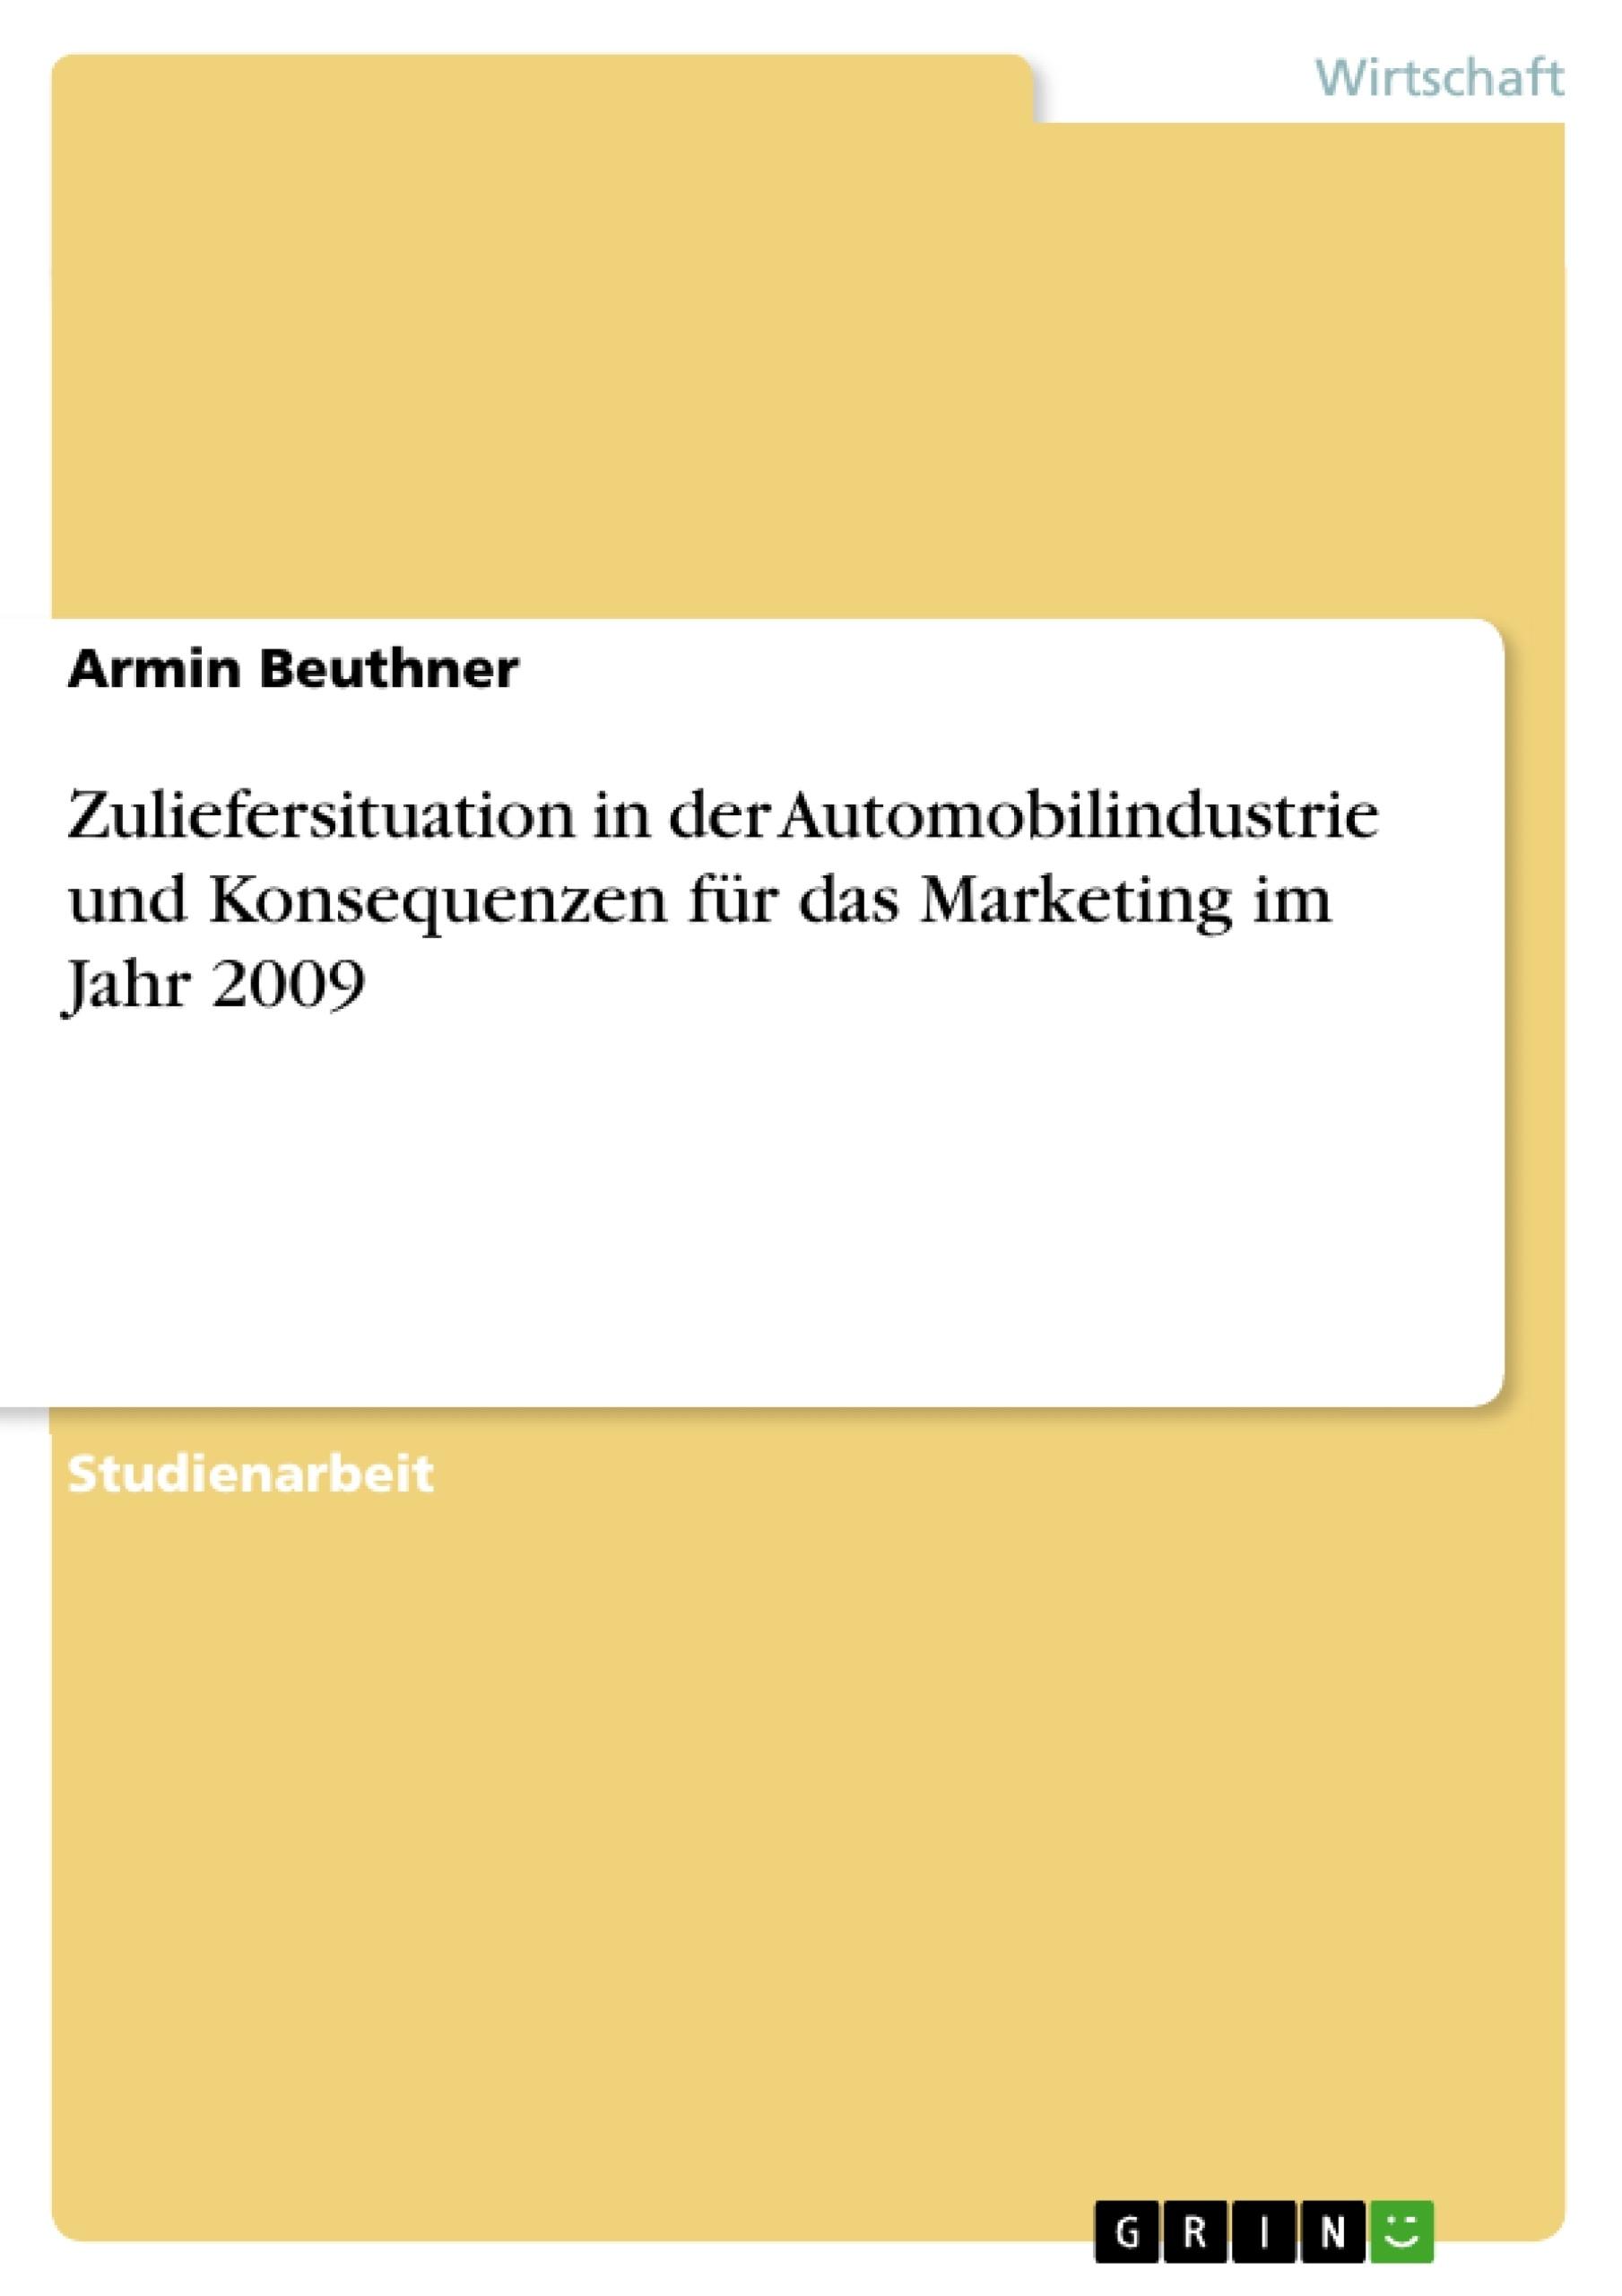 Titel: Zuliefersituation in der Automobilindustrie und Konsequenzen für das Marketing im Jahr 2009